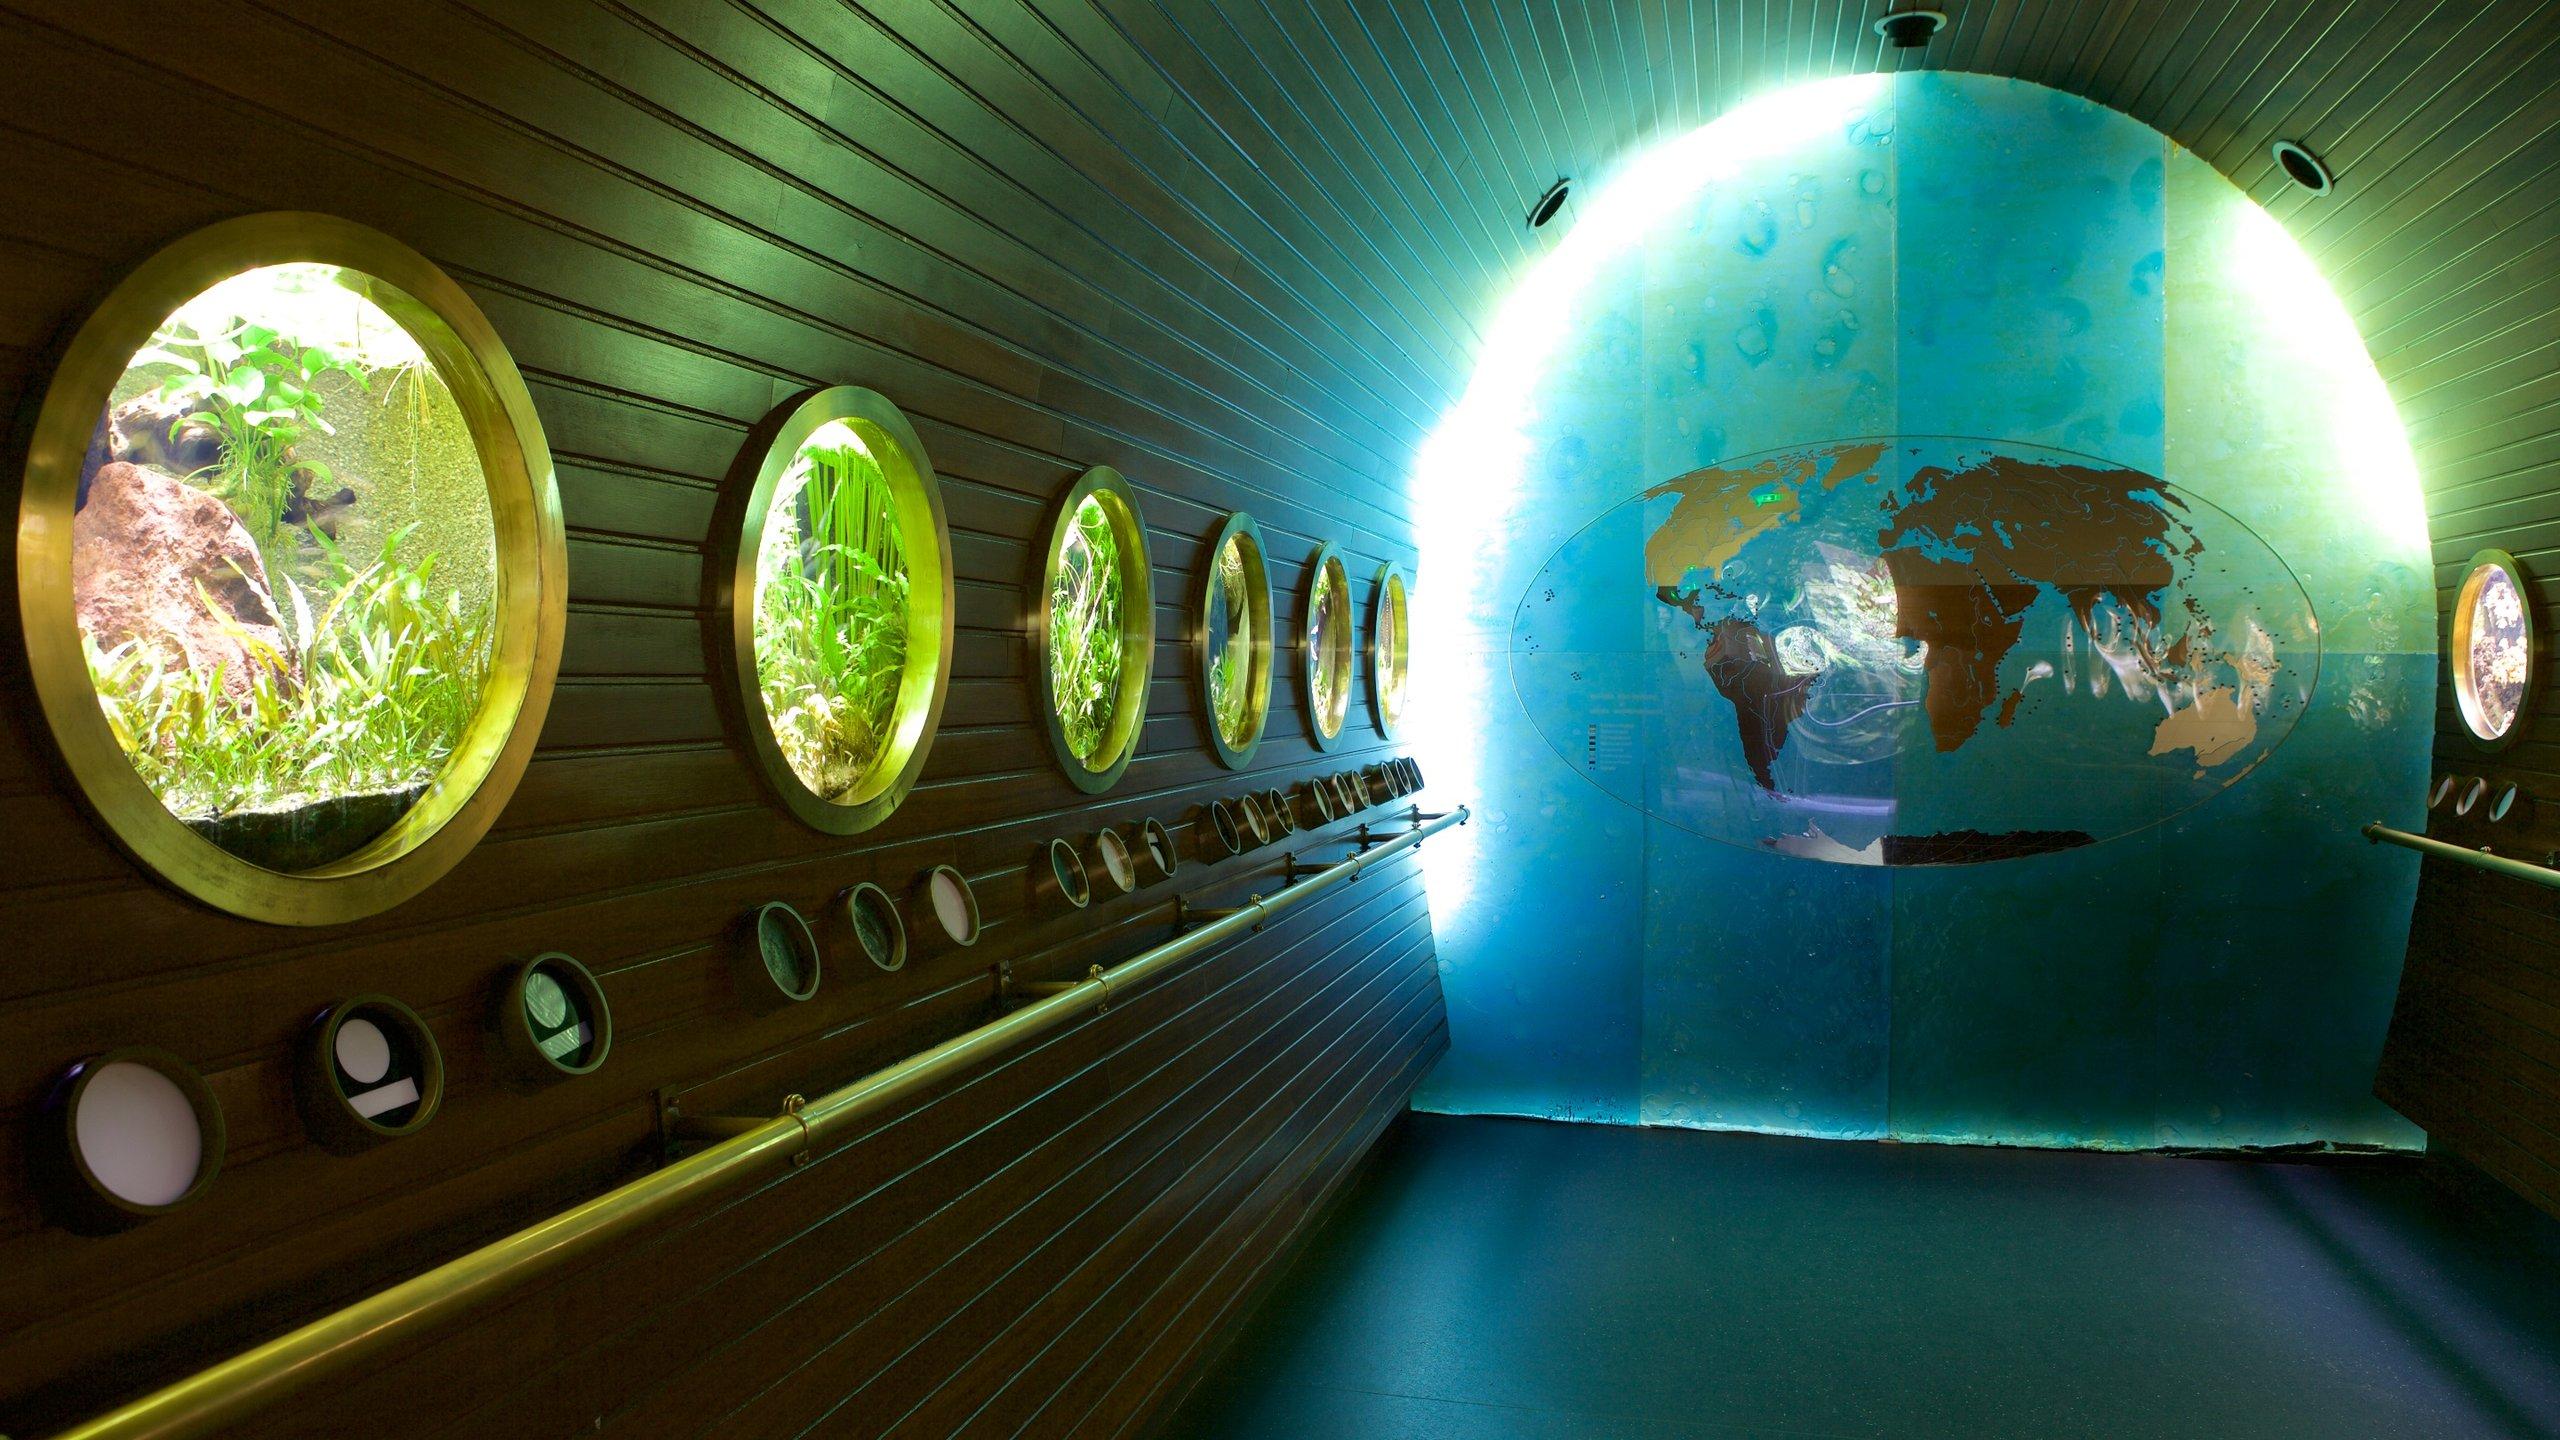 Musée Aquarium de Nancy, Nancy, Meurthe-et-Moselle (Department), Frankreich